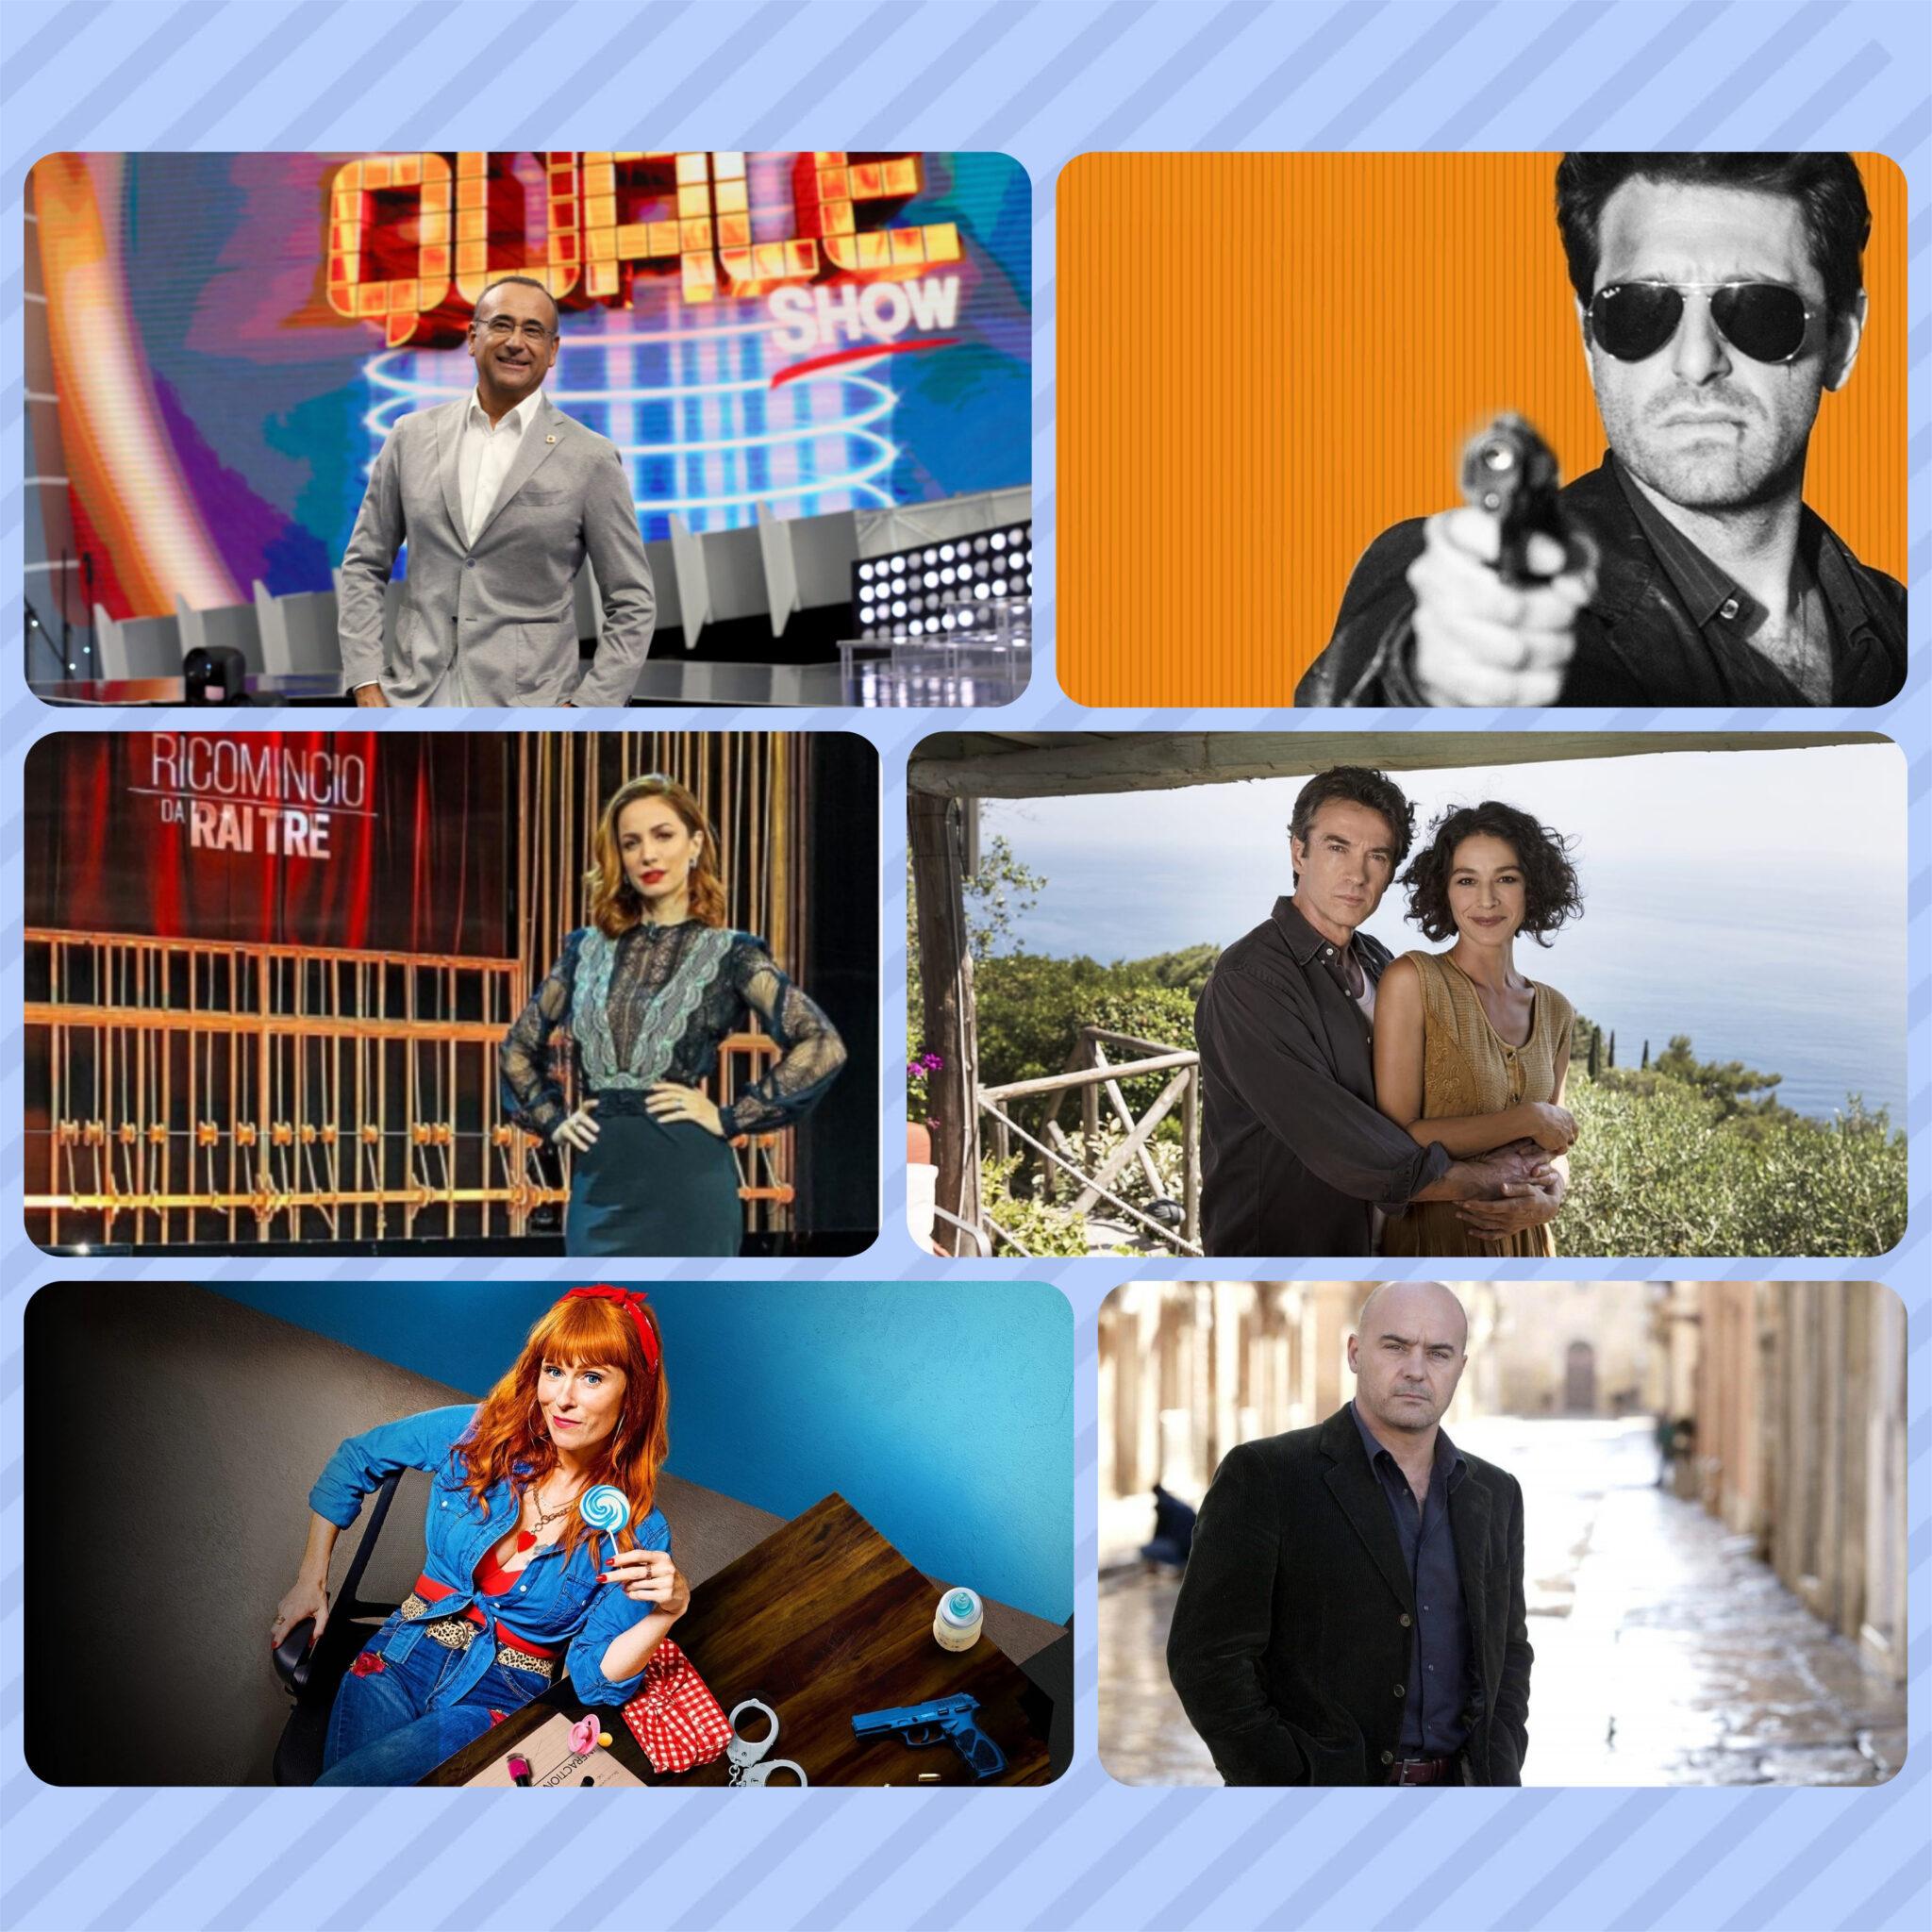 Programmazione dal 12 al 18 settembre 2021 Rai e Mediaset. Partono GFVip, Scherzi a parte, Luce dei miei occhi, Star in the star, Tu si que vales